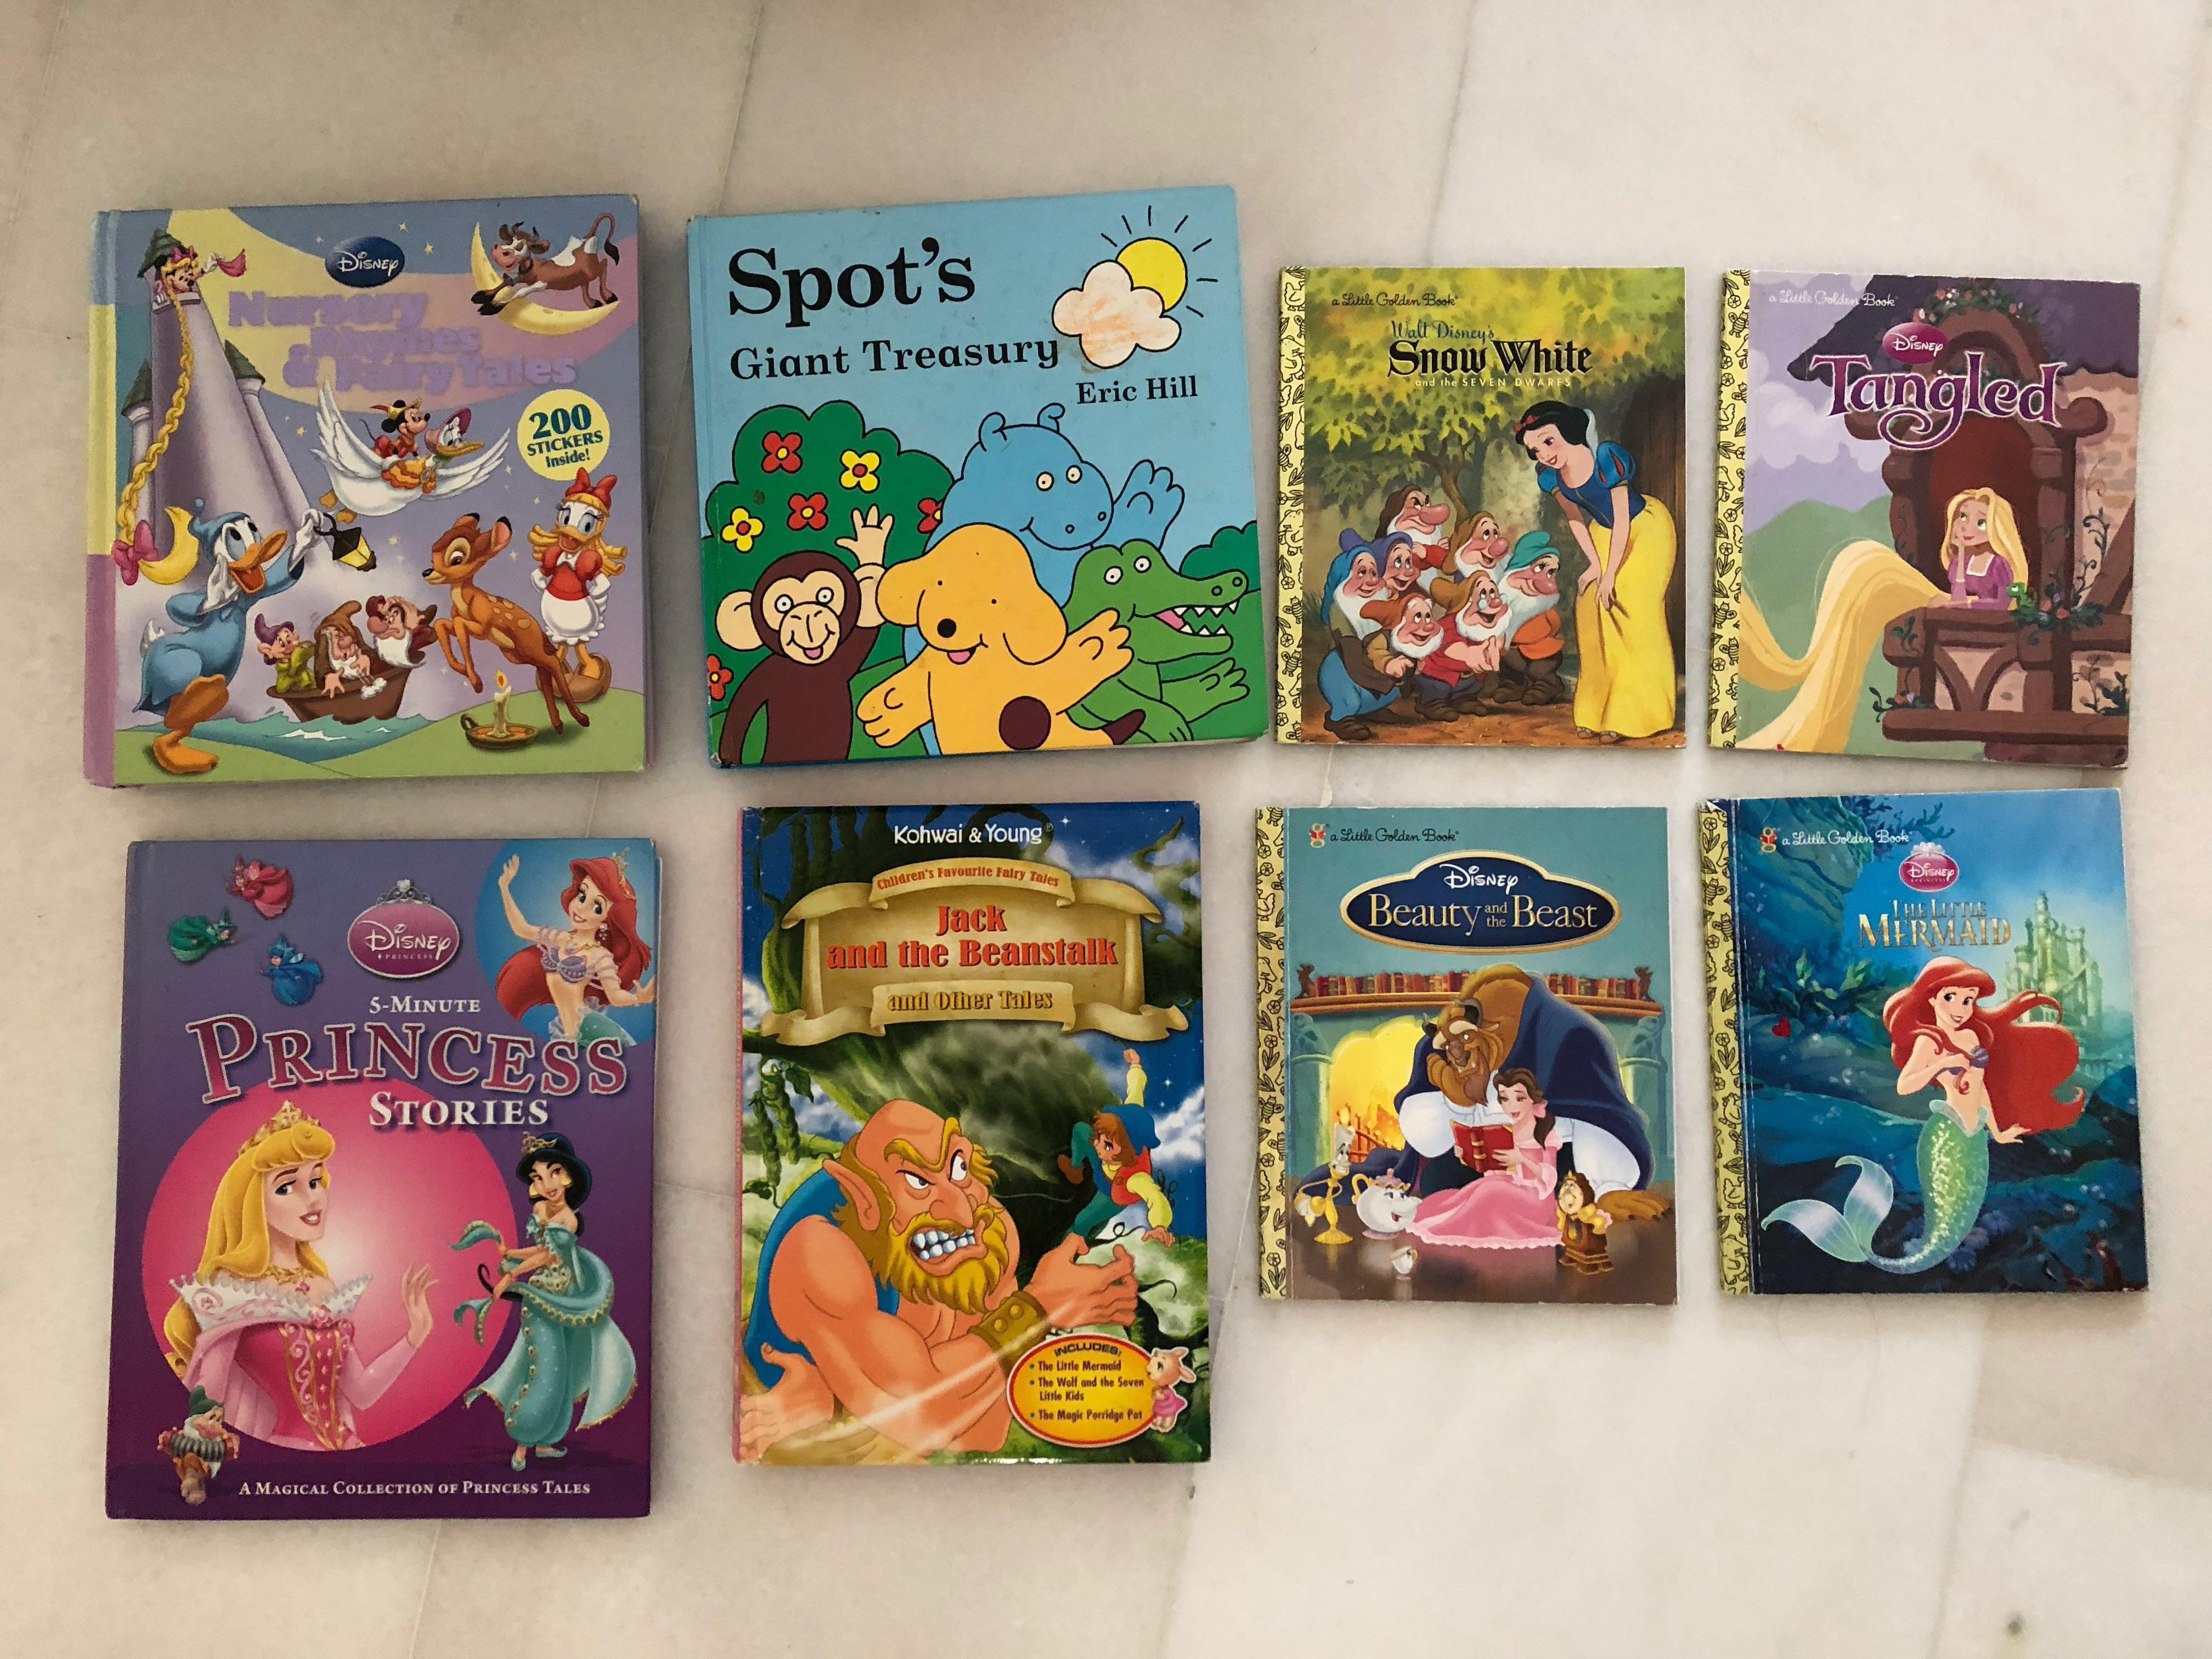 Disney Nursery Rhymes And Fairy Tales